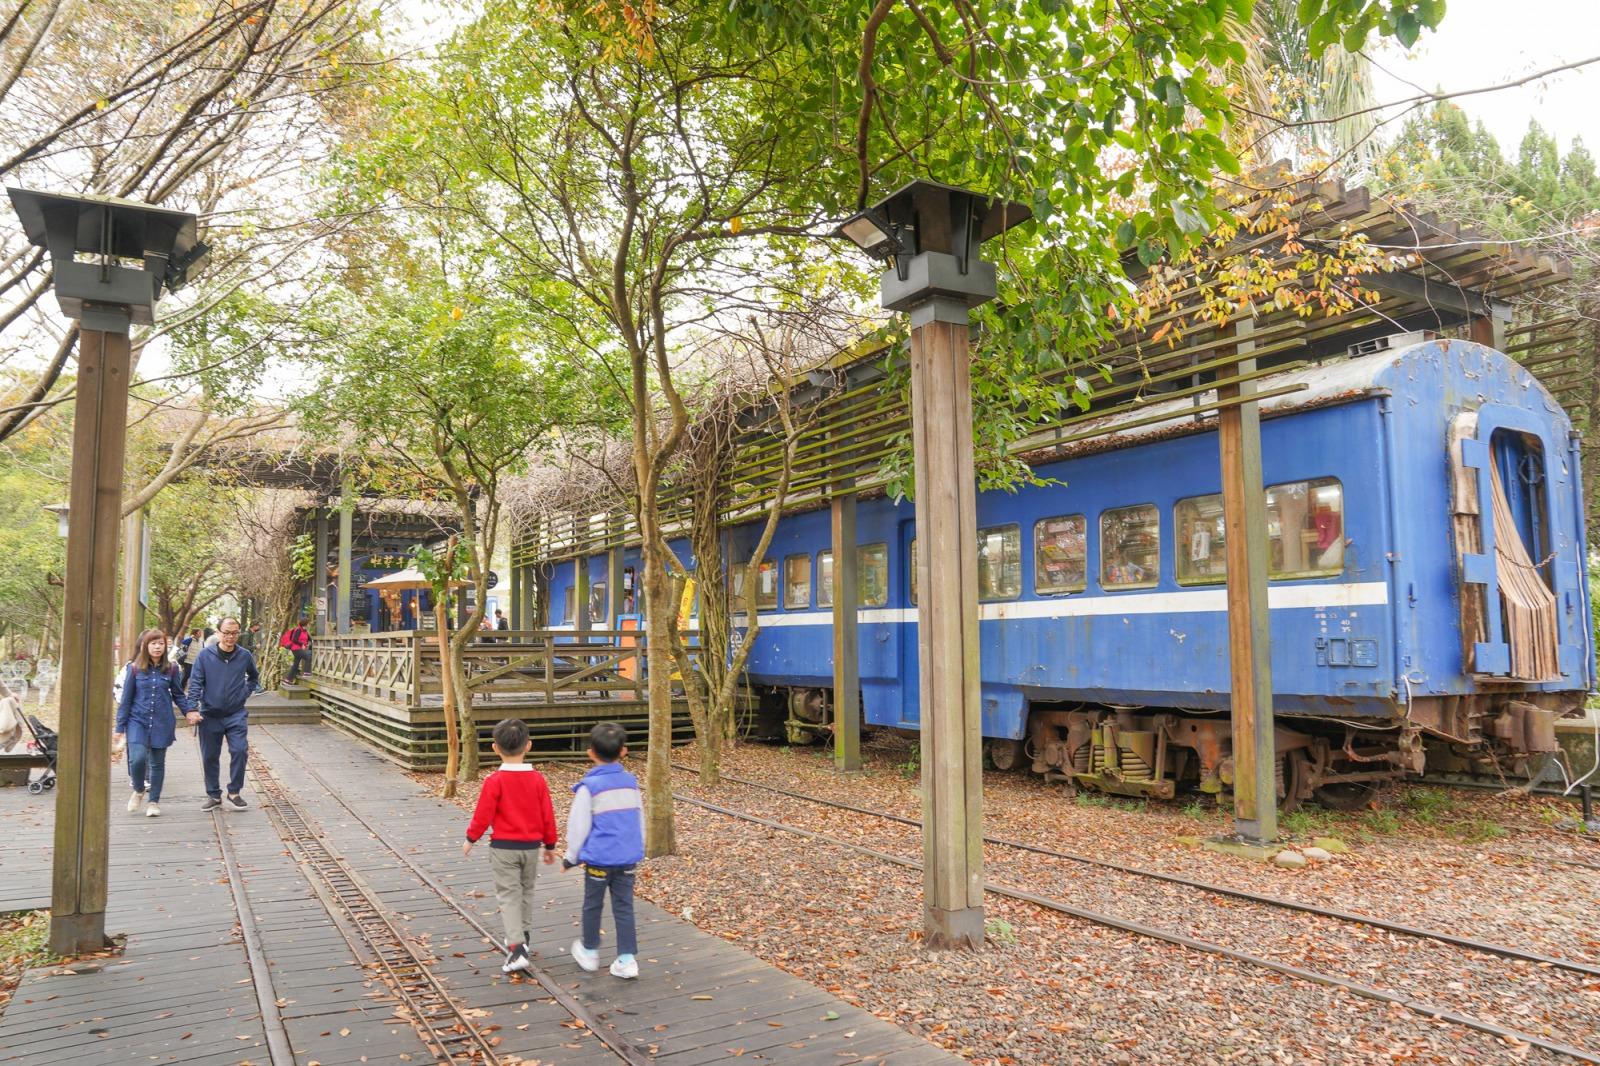 新竹景點》全台最香的愛情車站!內灣合興車站,愛心溜滑梯沙坑,愛情鐵道,搭上時光機的香氛普快車~